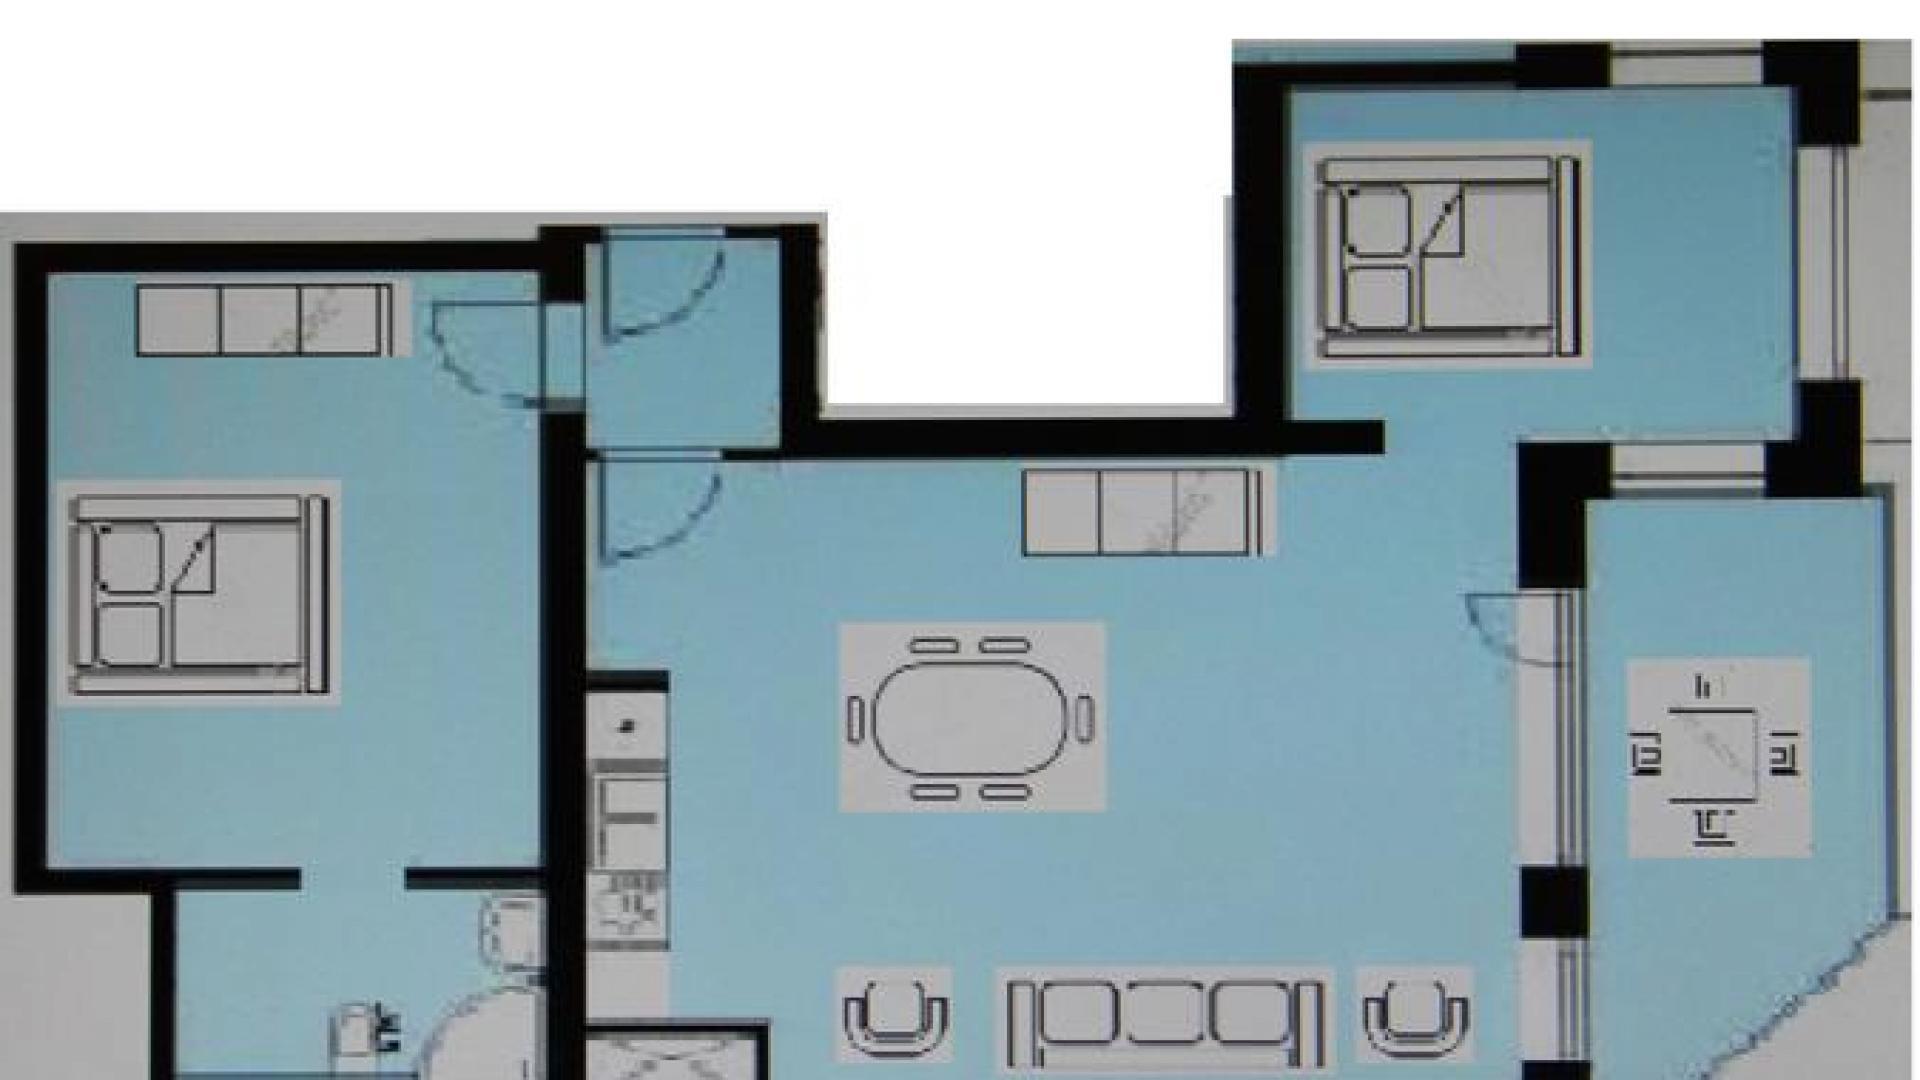 Апартаменты в Карловых Варах - София 4